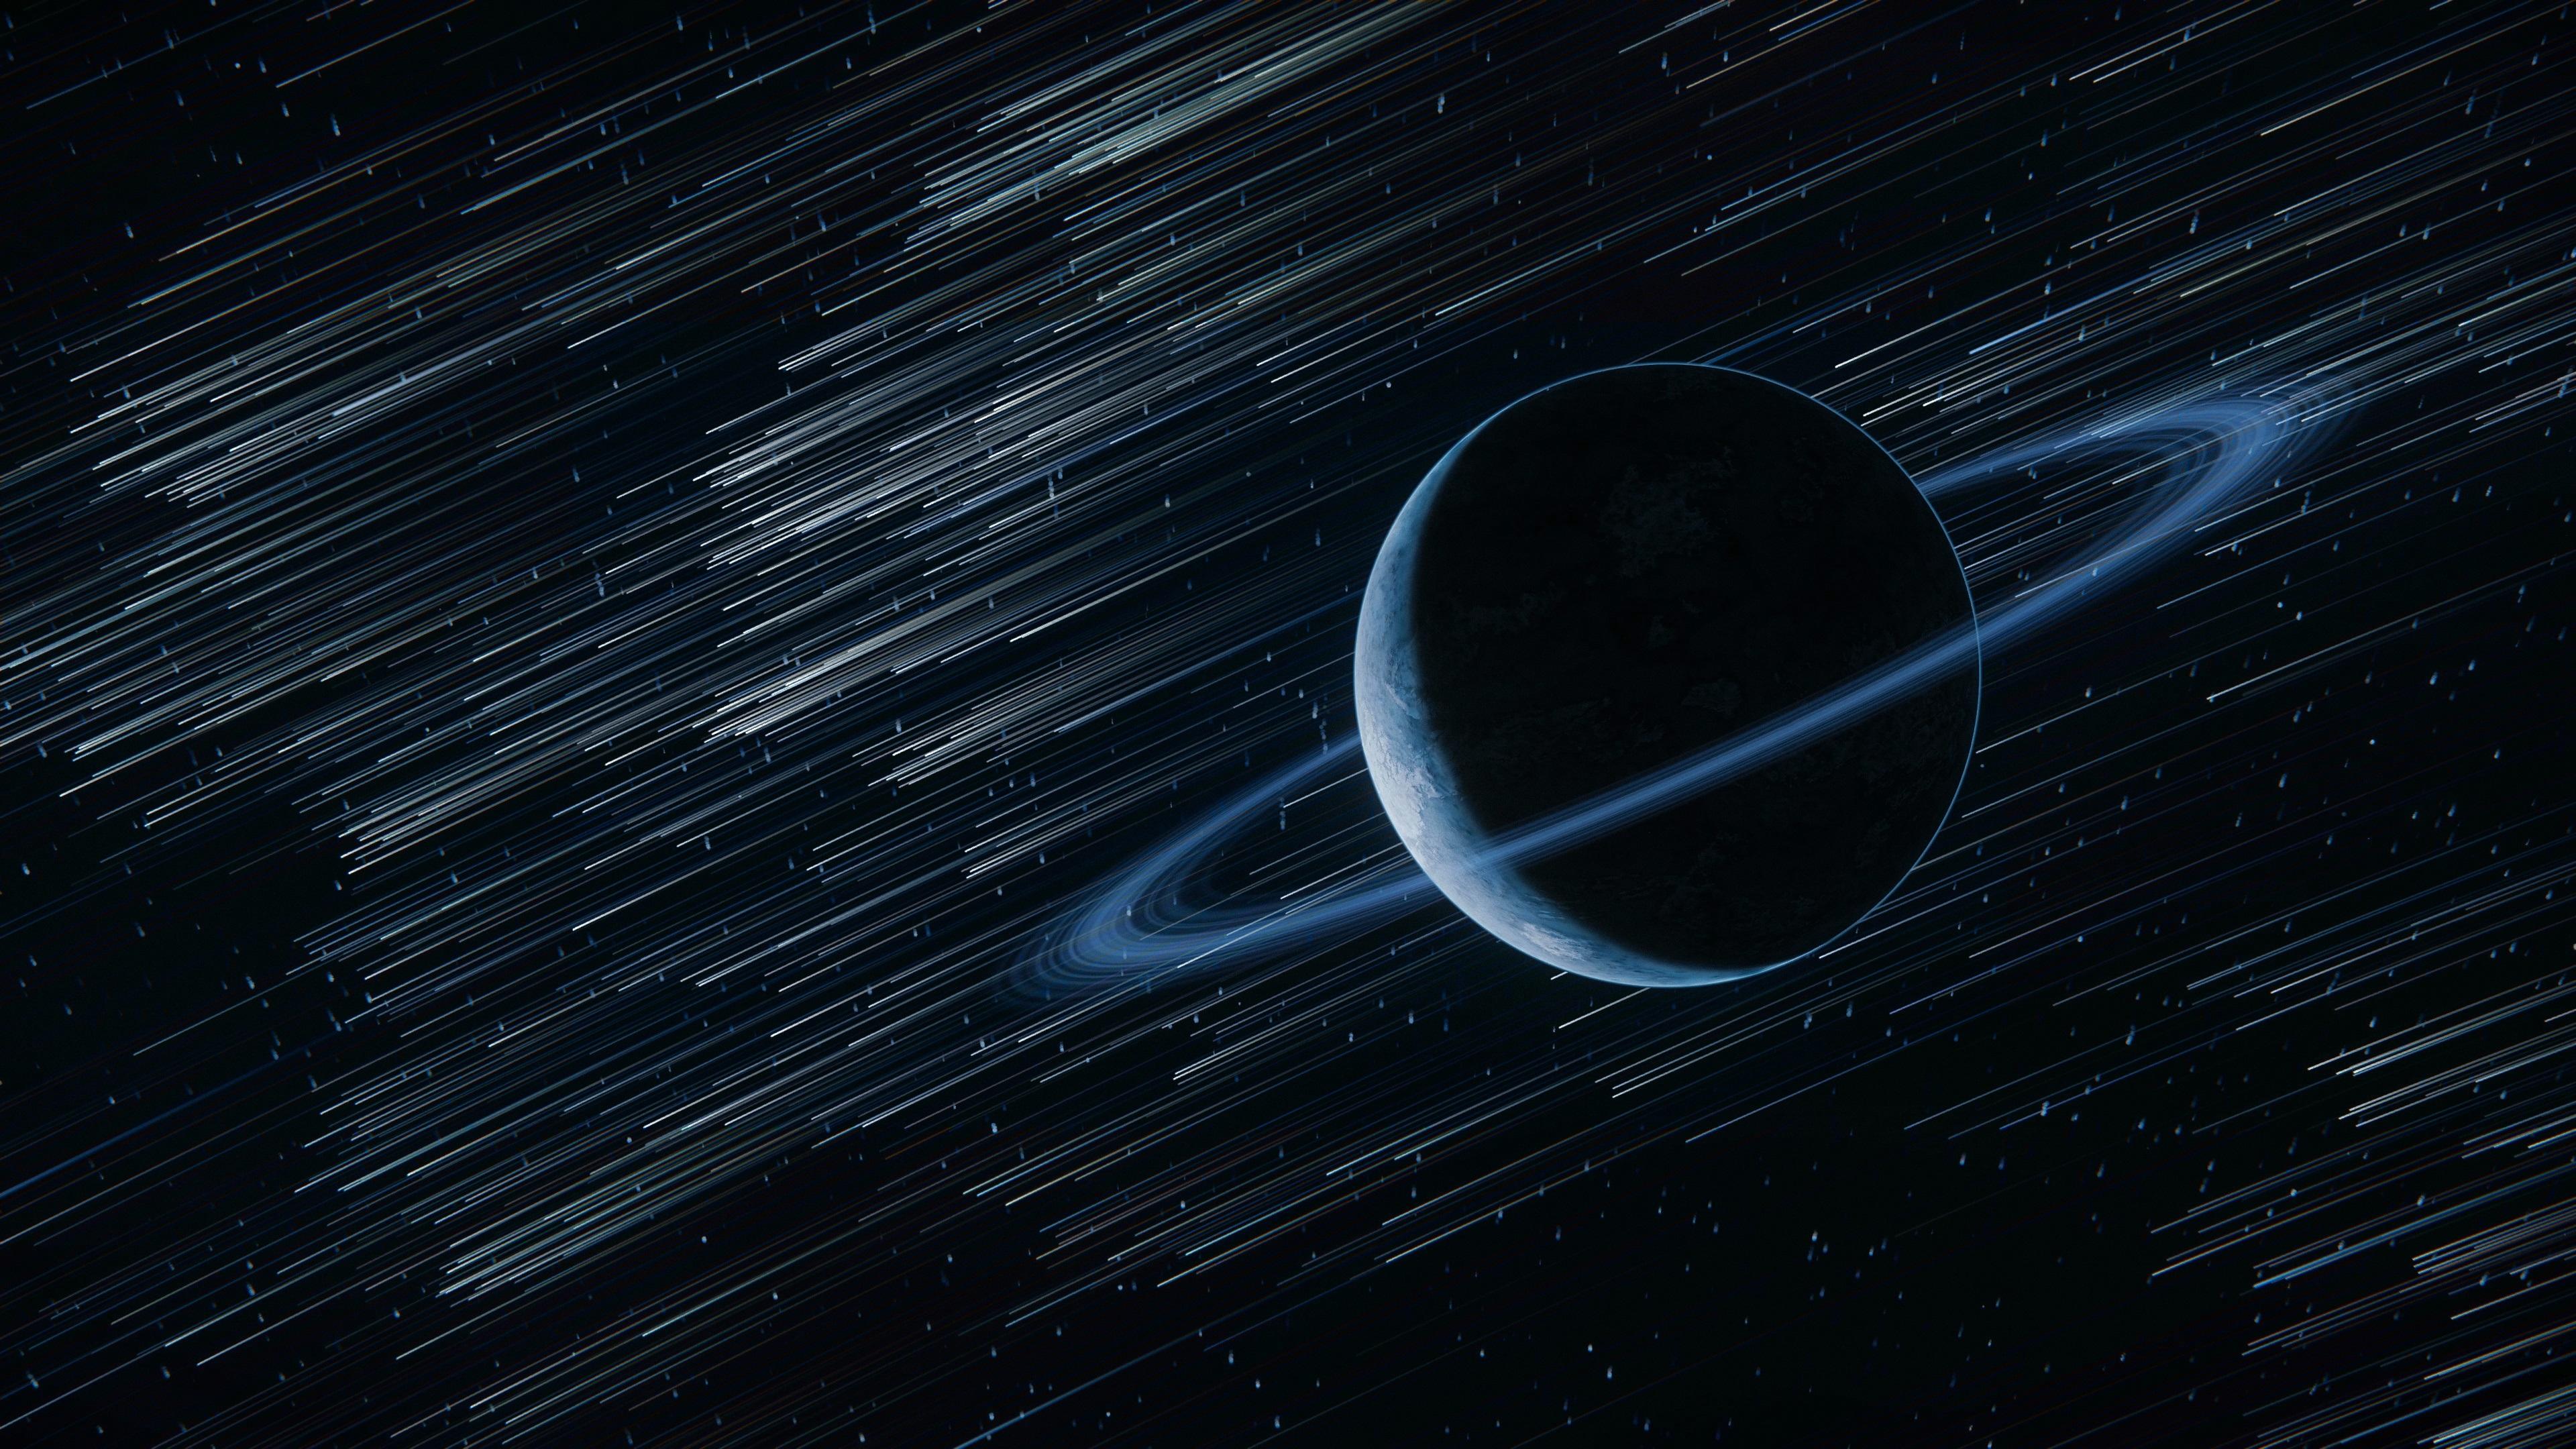 Fondos De Pantalla Planeta, Anillo, Estrellas, Espacio